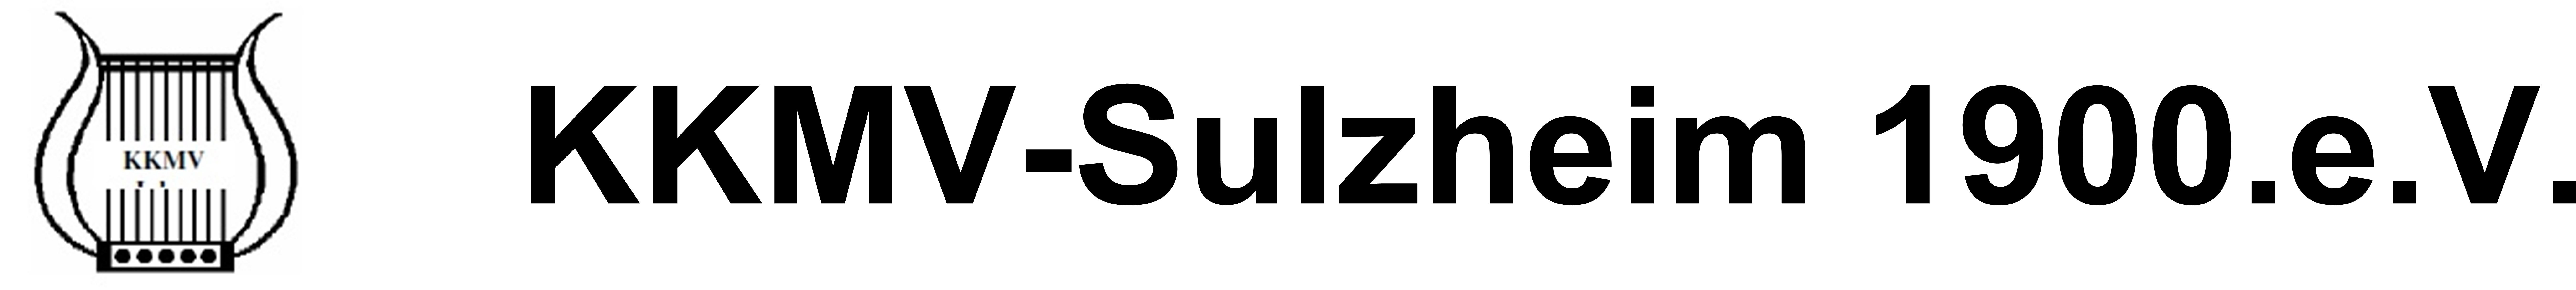 KKMV Sulzheim